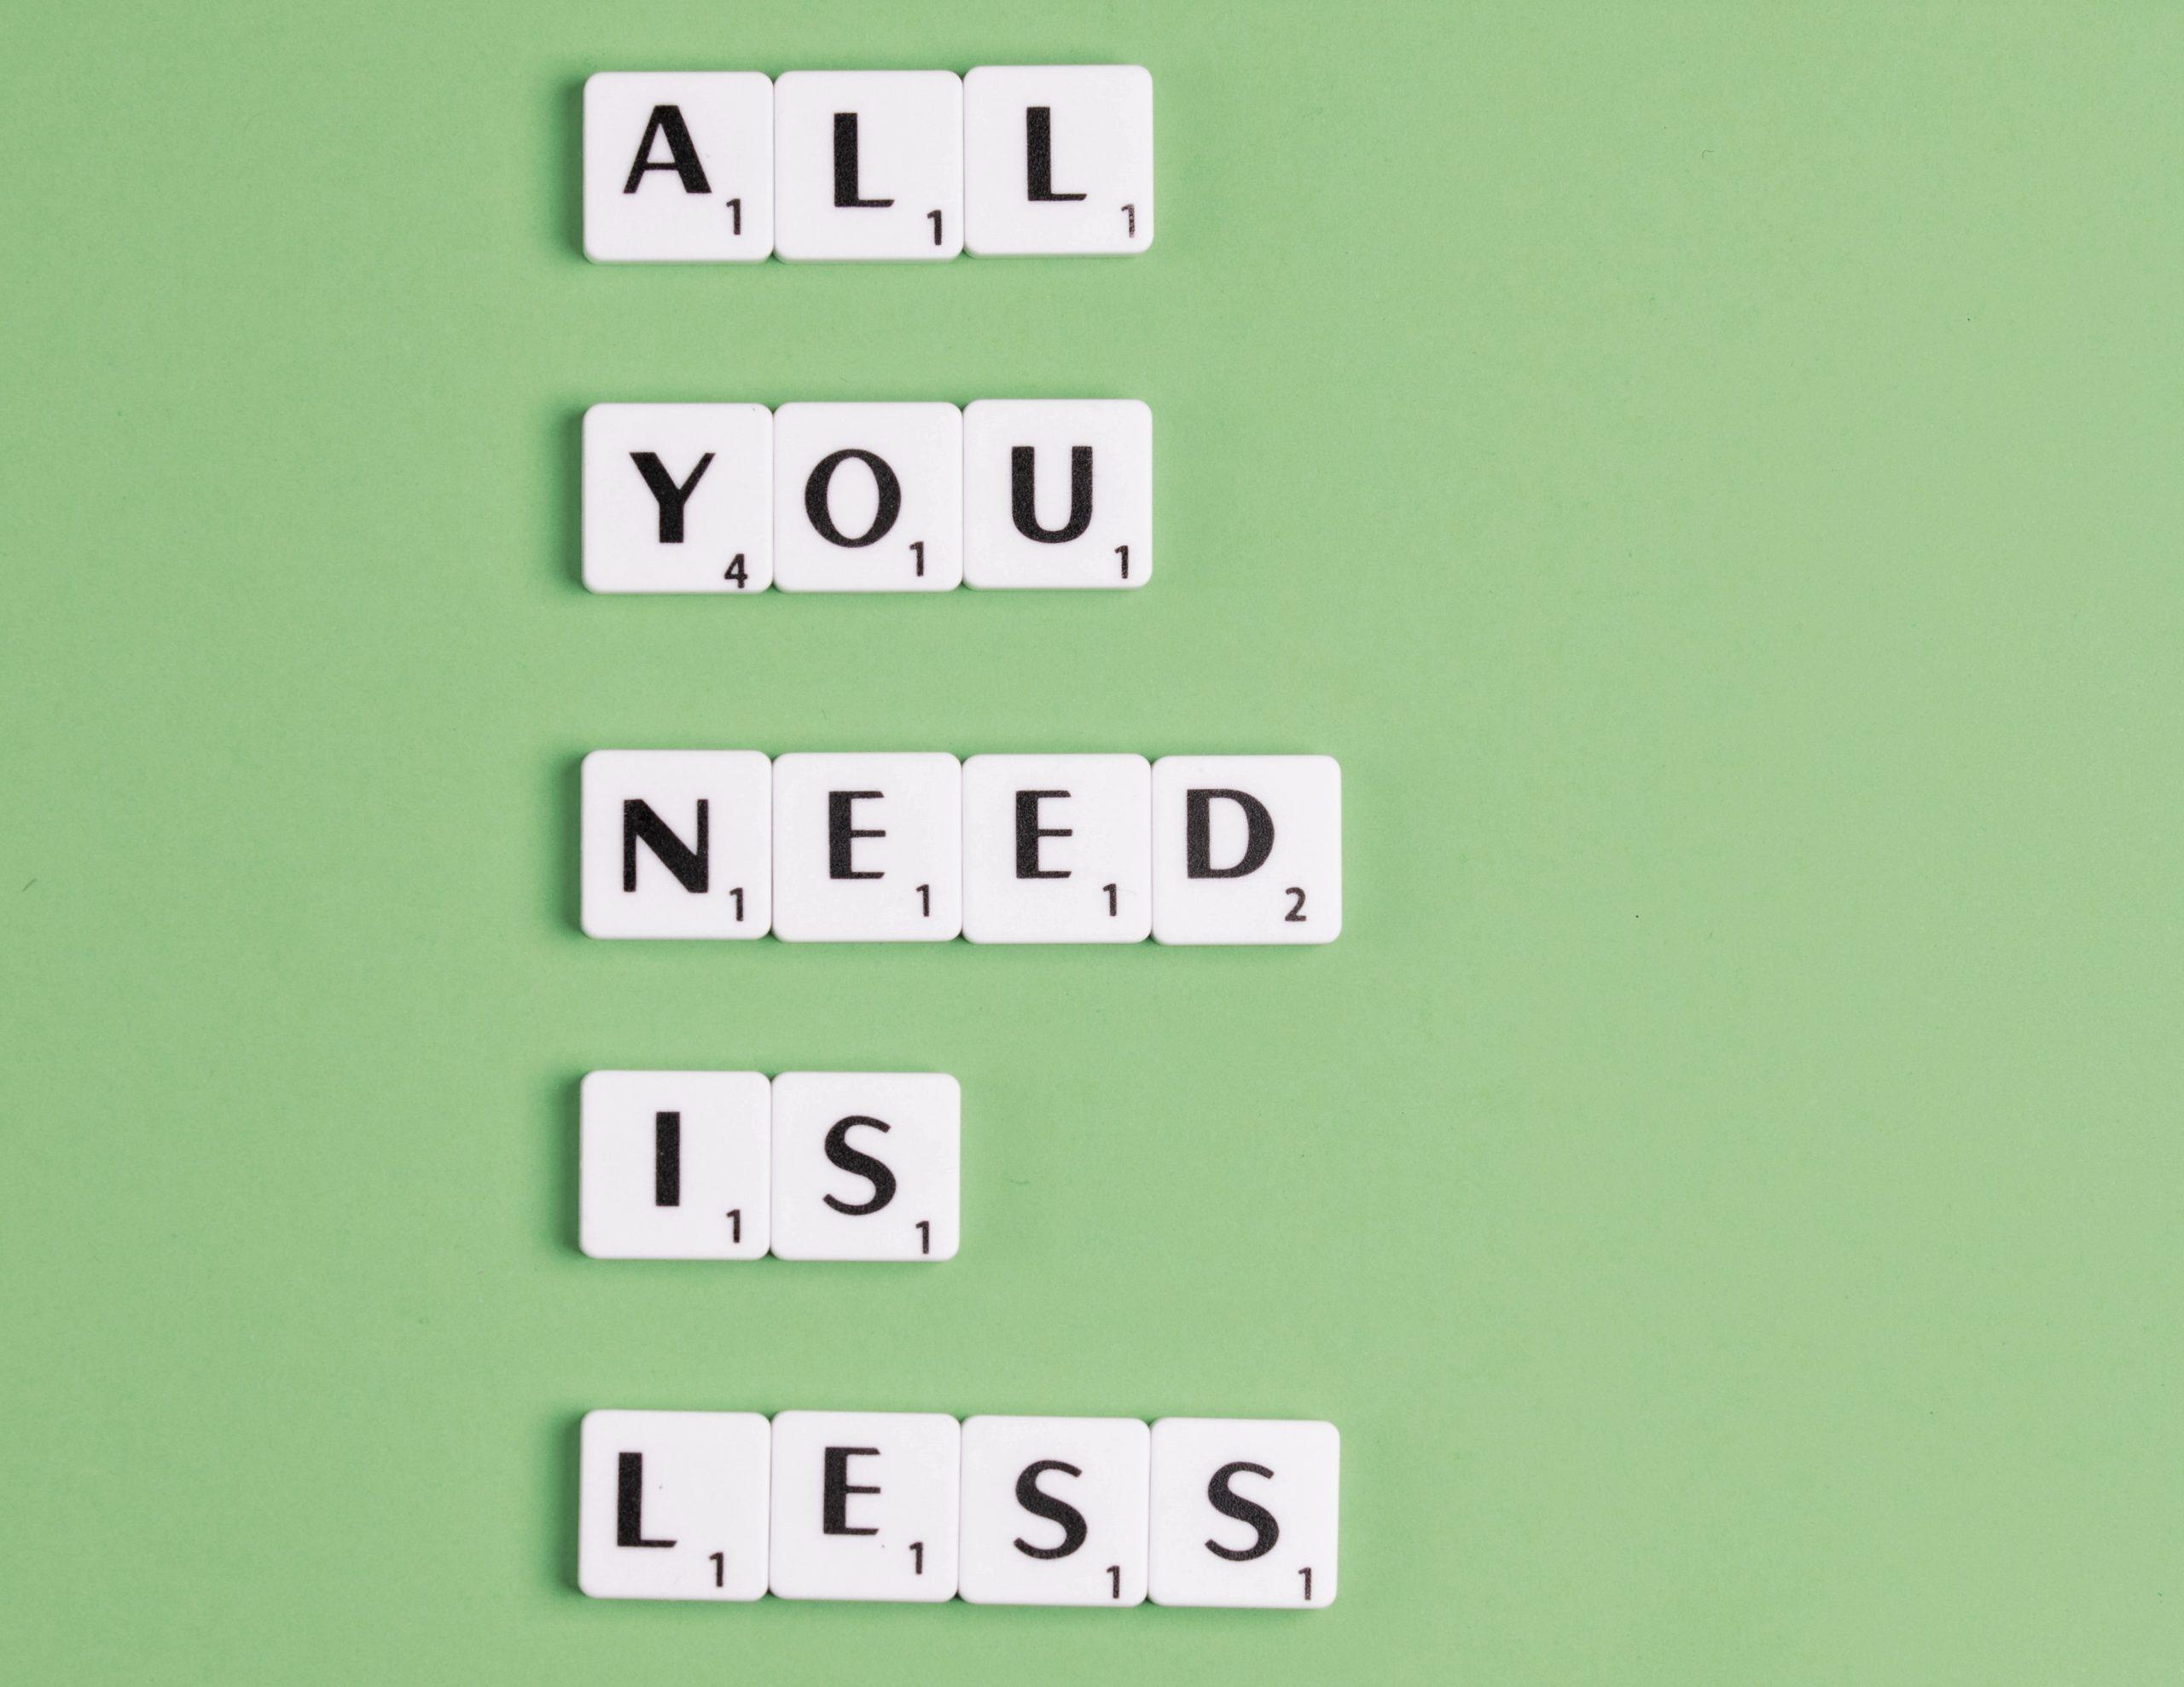 Nachhaltigkeit - less is more